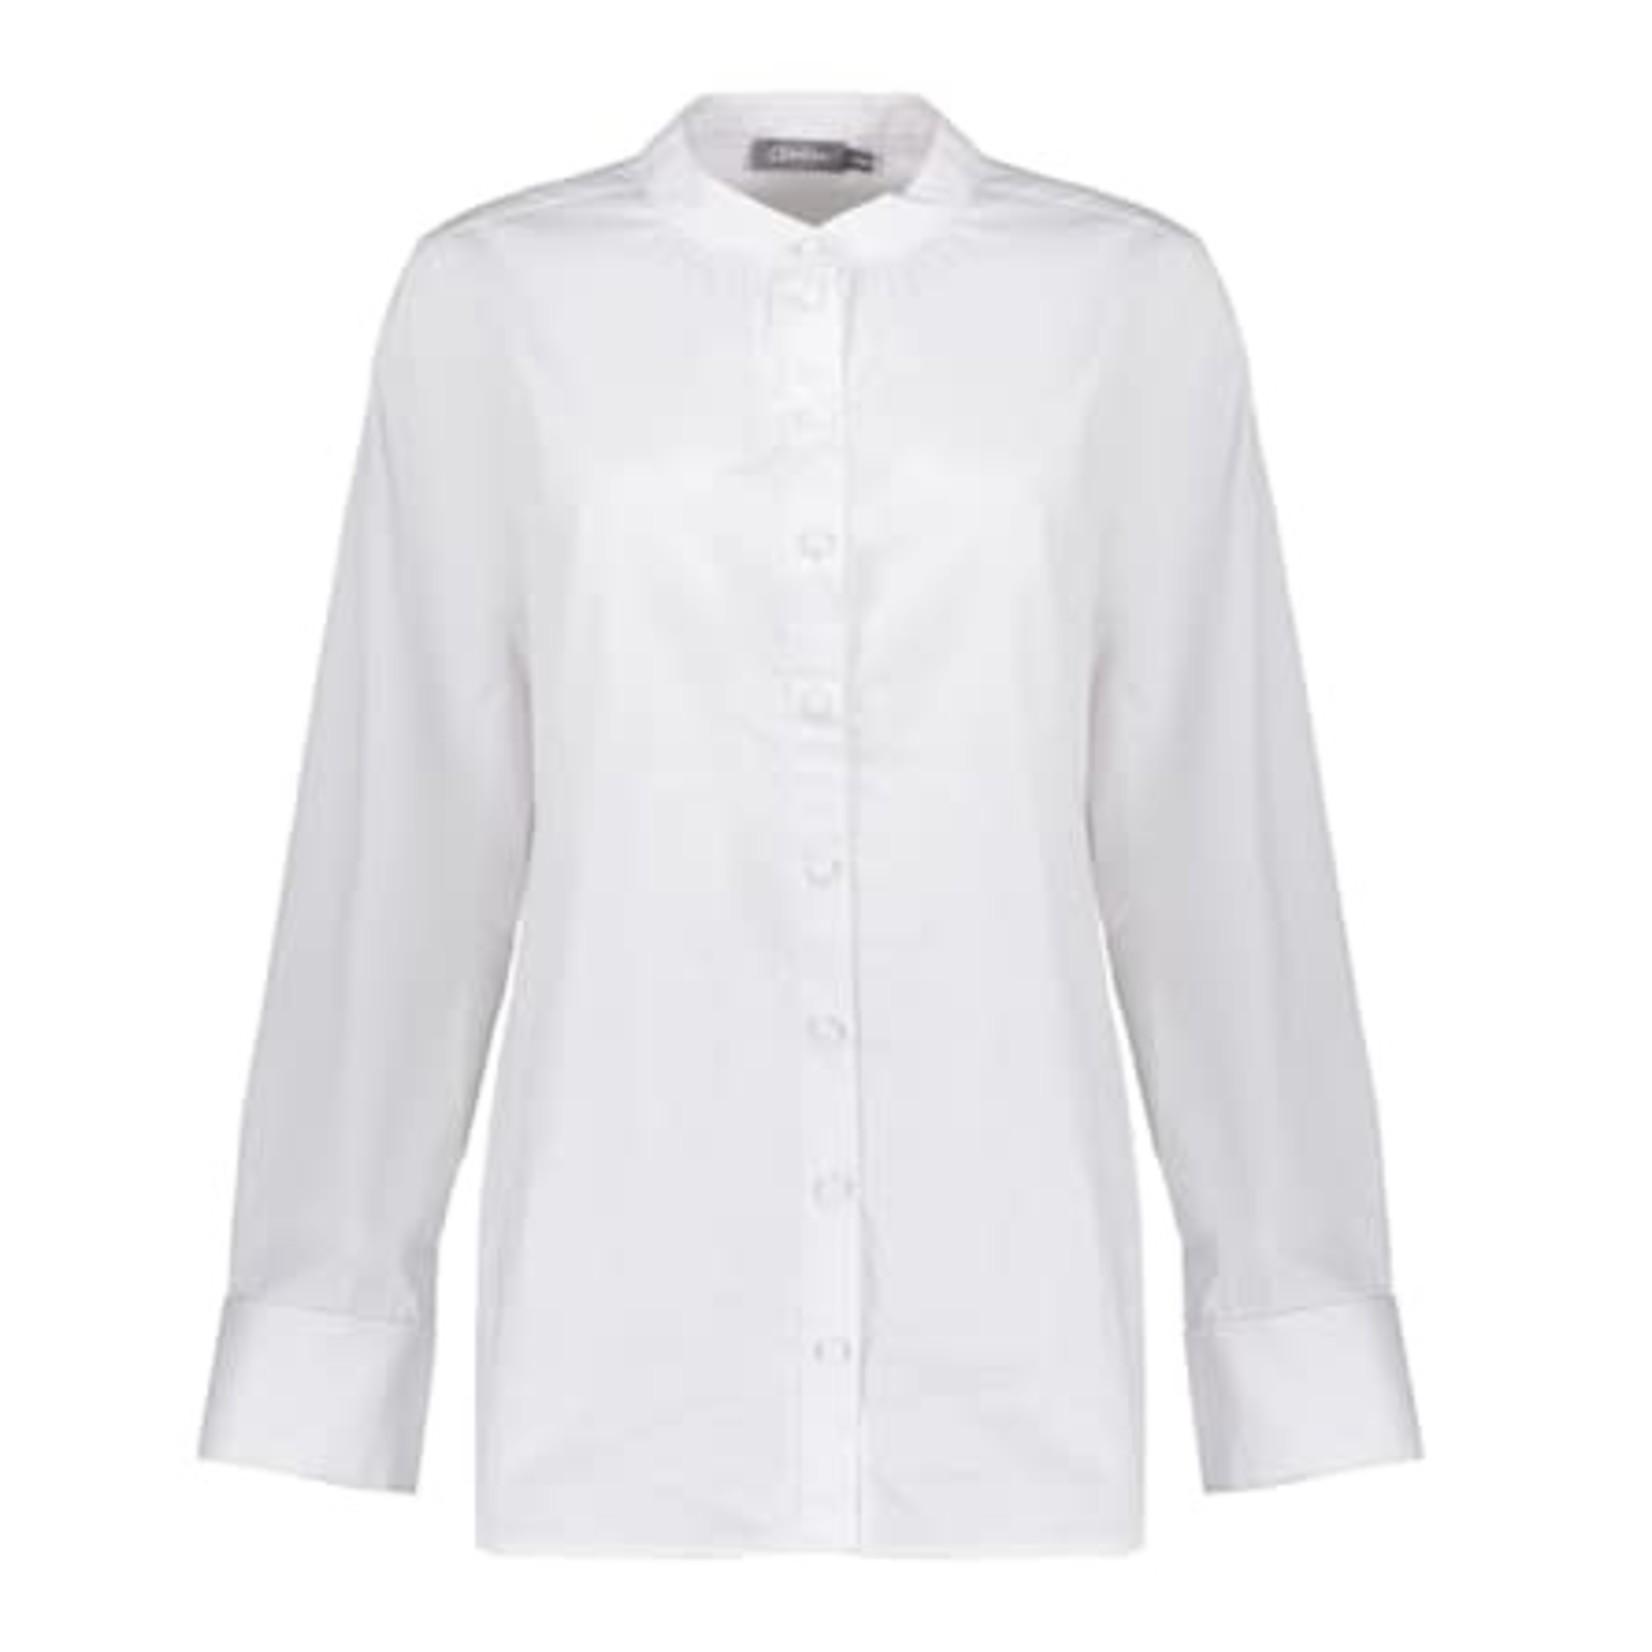 Geisha Geisha Blouse Double Cuffs off-white 13554-26